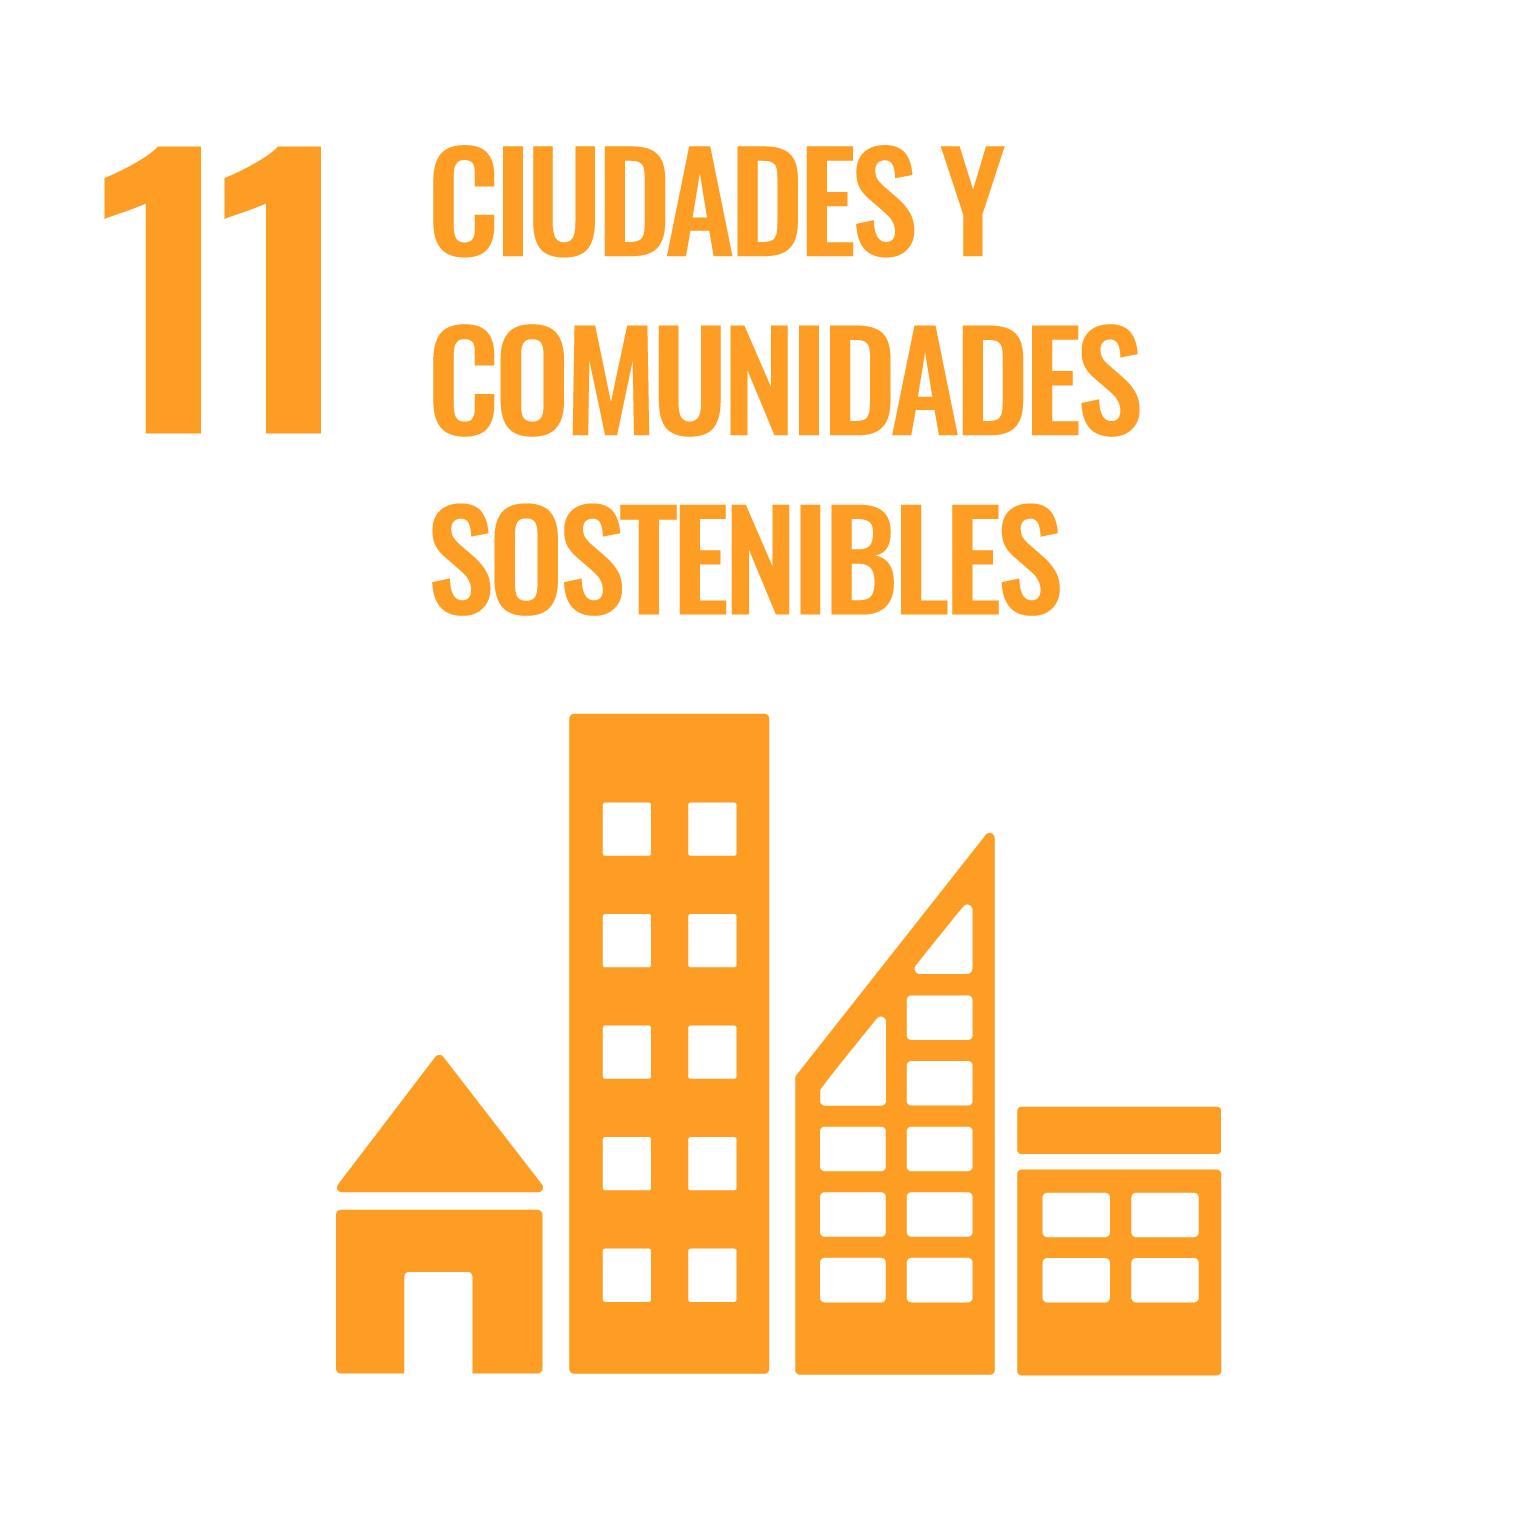 Icono del Objetivo de Desarrollo Sostenible Ciudades y comunidades sostenibles